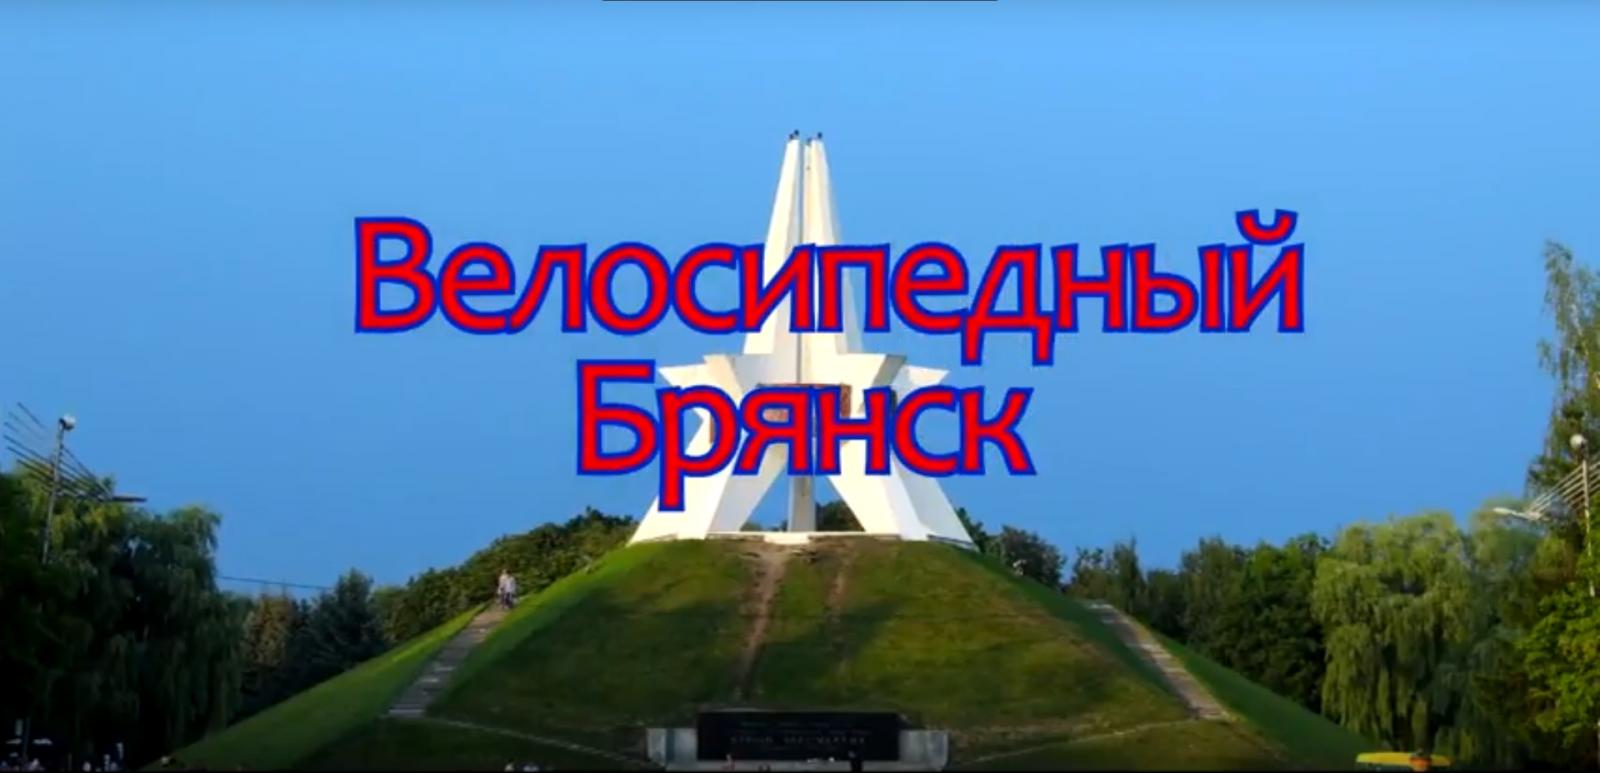 Велосипедный Брянск: что лучше - тротуары или проезжая часть?